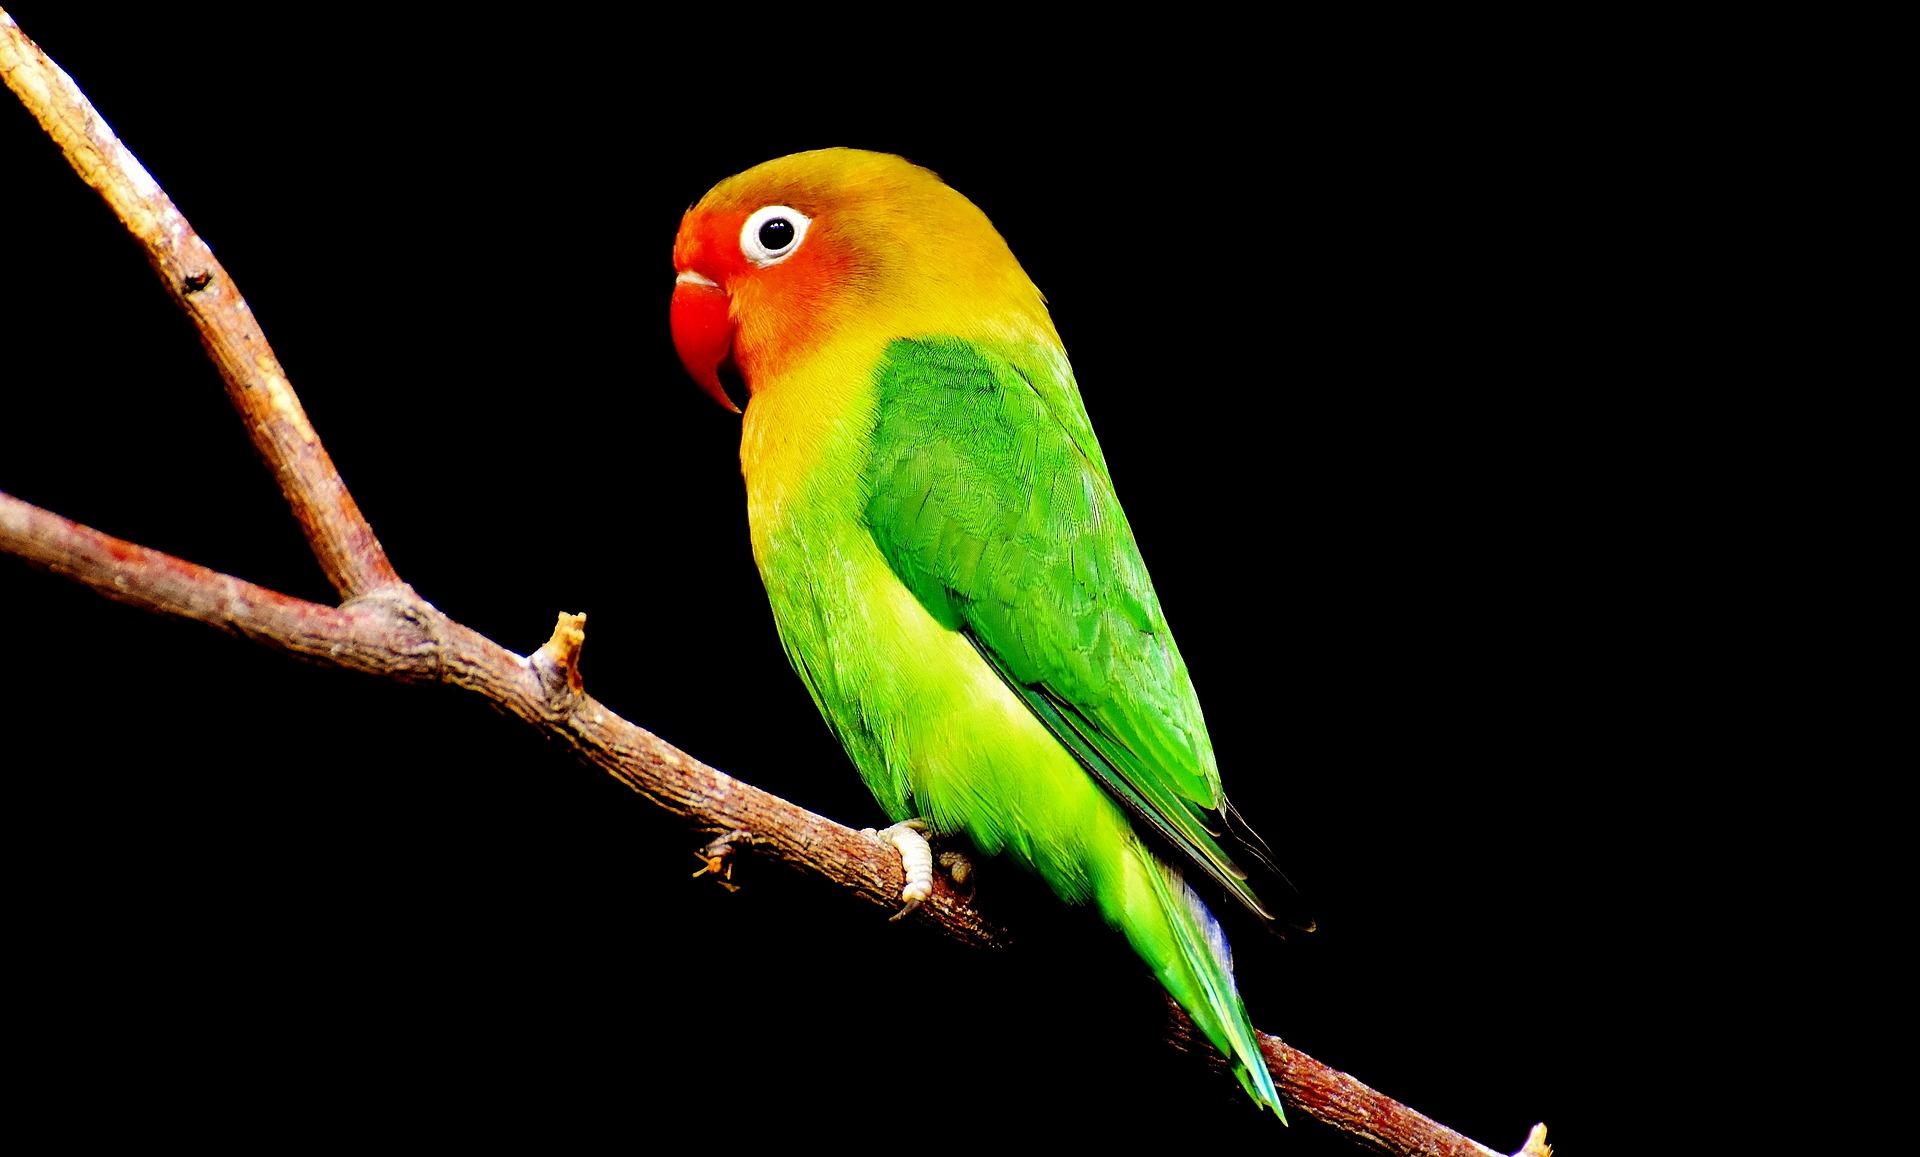 Obi - hrabra ptičica